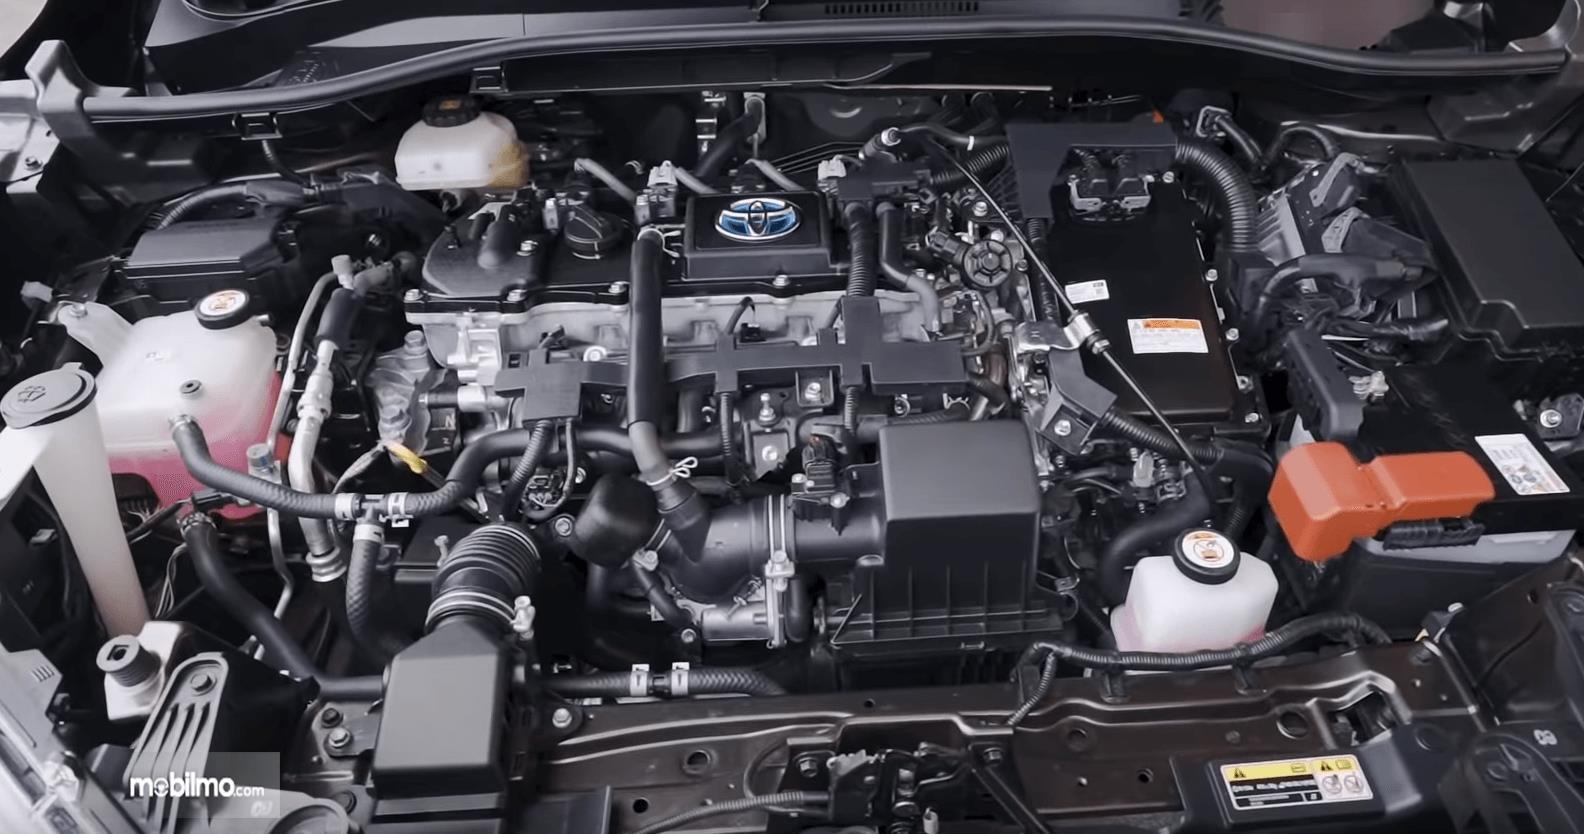 Gambar ini menunjukkan mesin mobil All New Toyota Corolla Cross Hybrid 2020